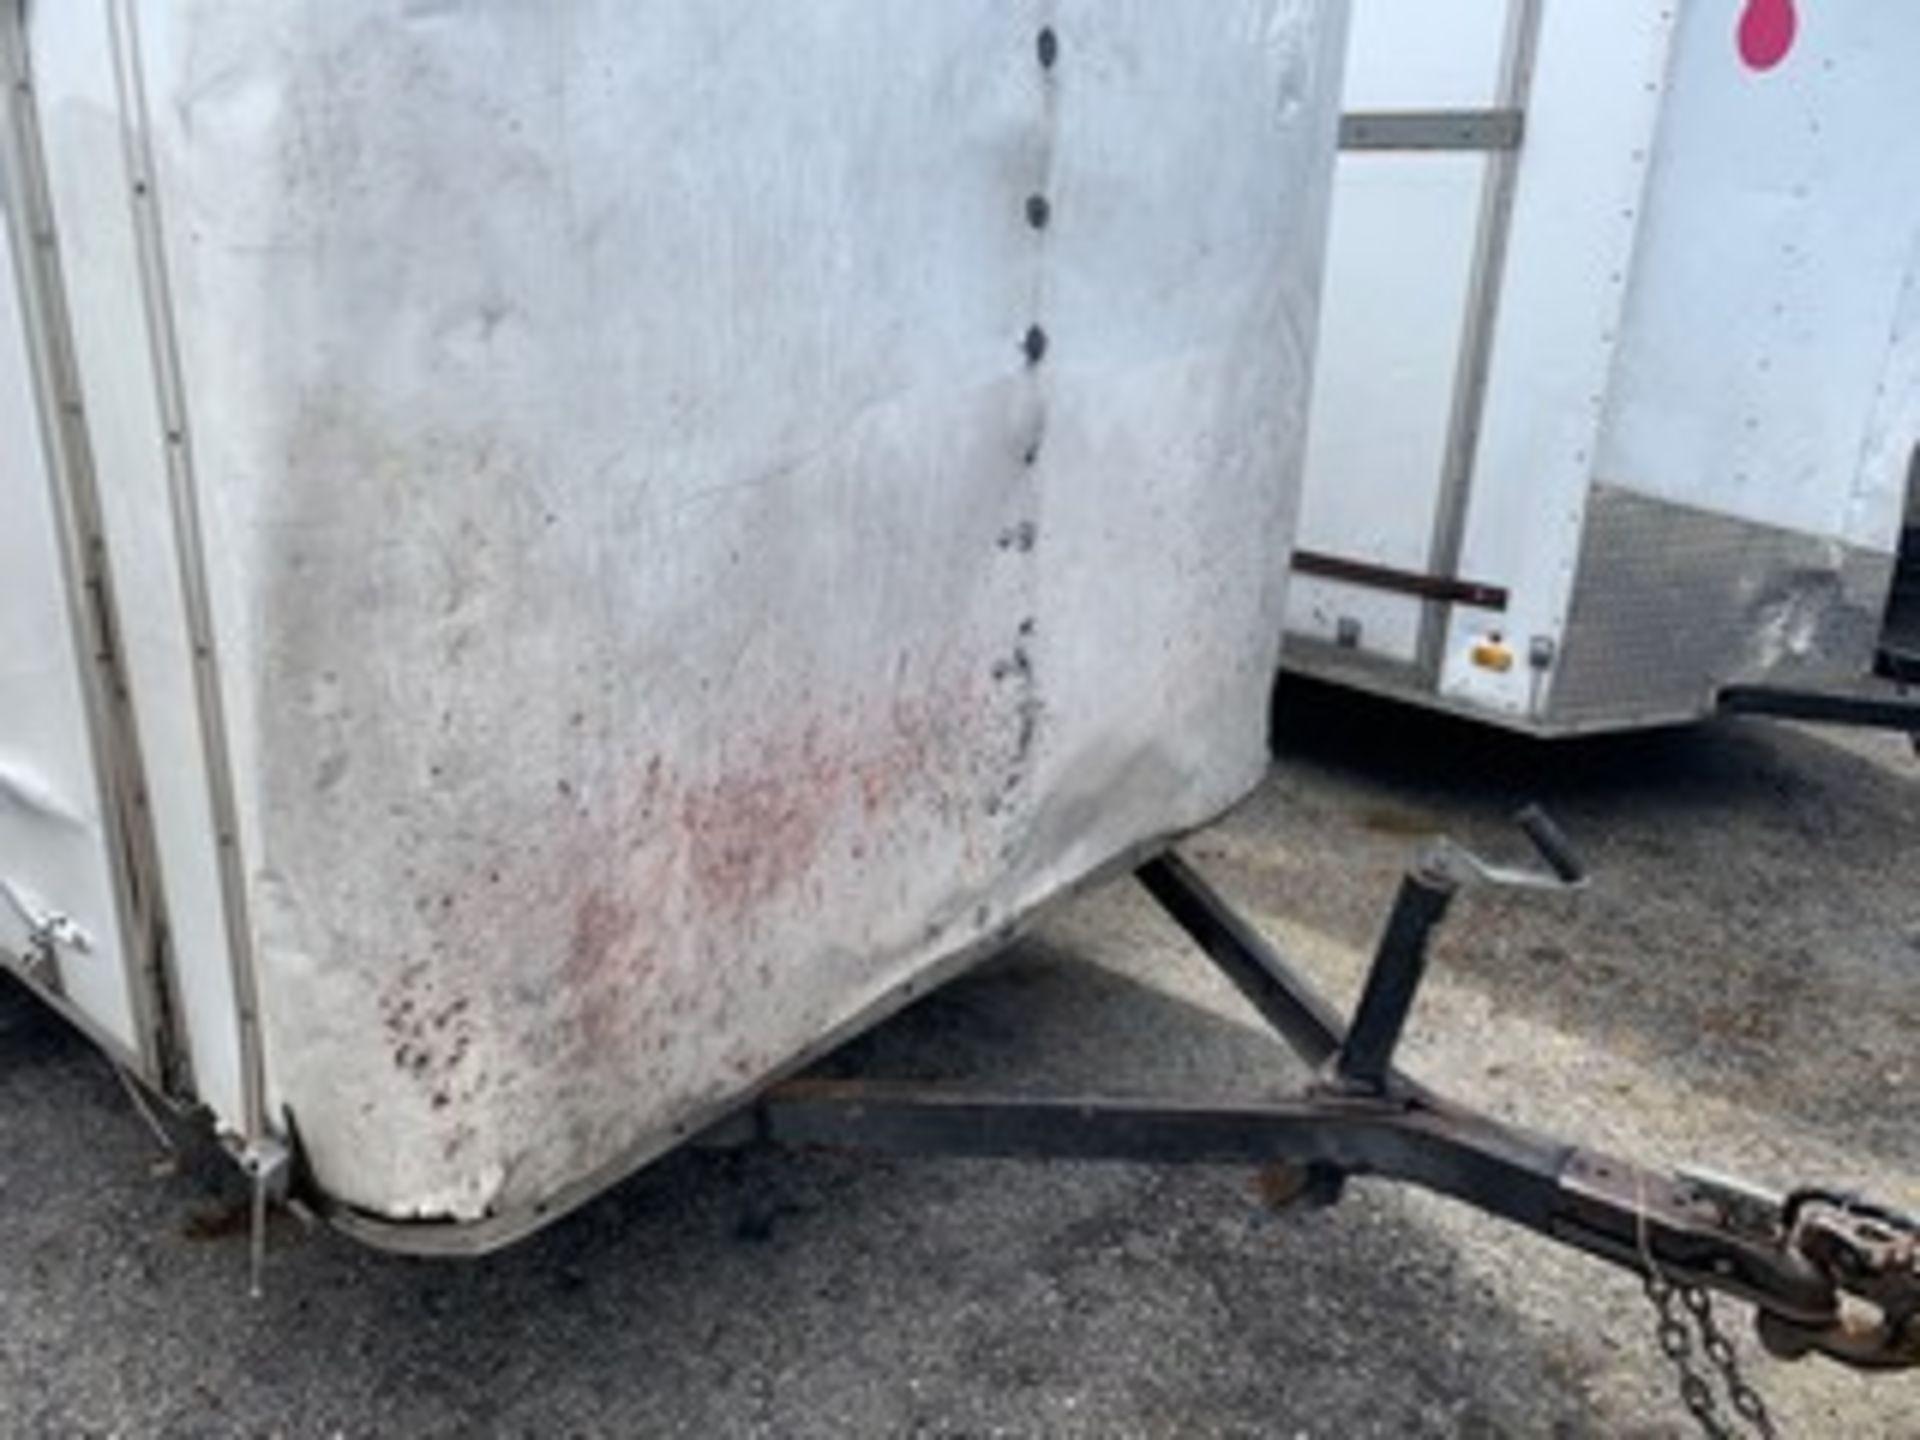 Lot 715 - 2014 TORI ENCLOSED TRAILER - VIN #121KP0616EM016590 - WHITE - SINGLE AXLE (12)